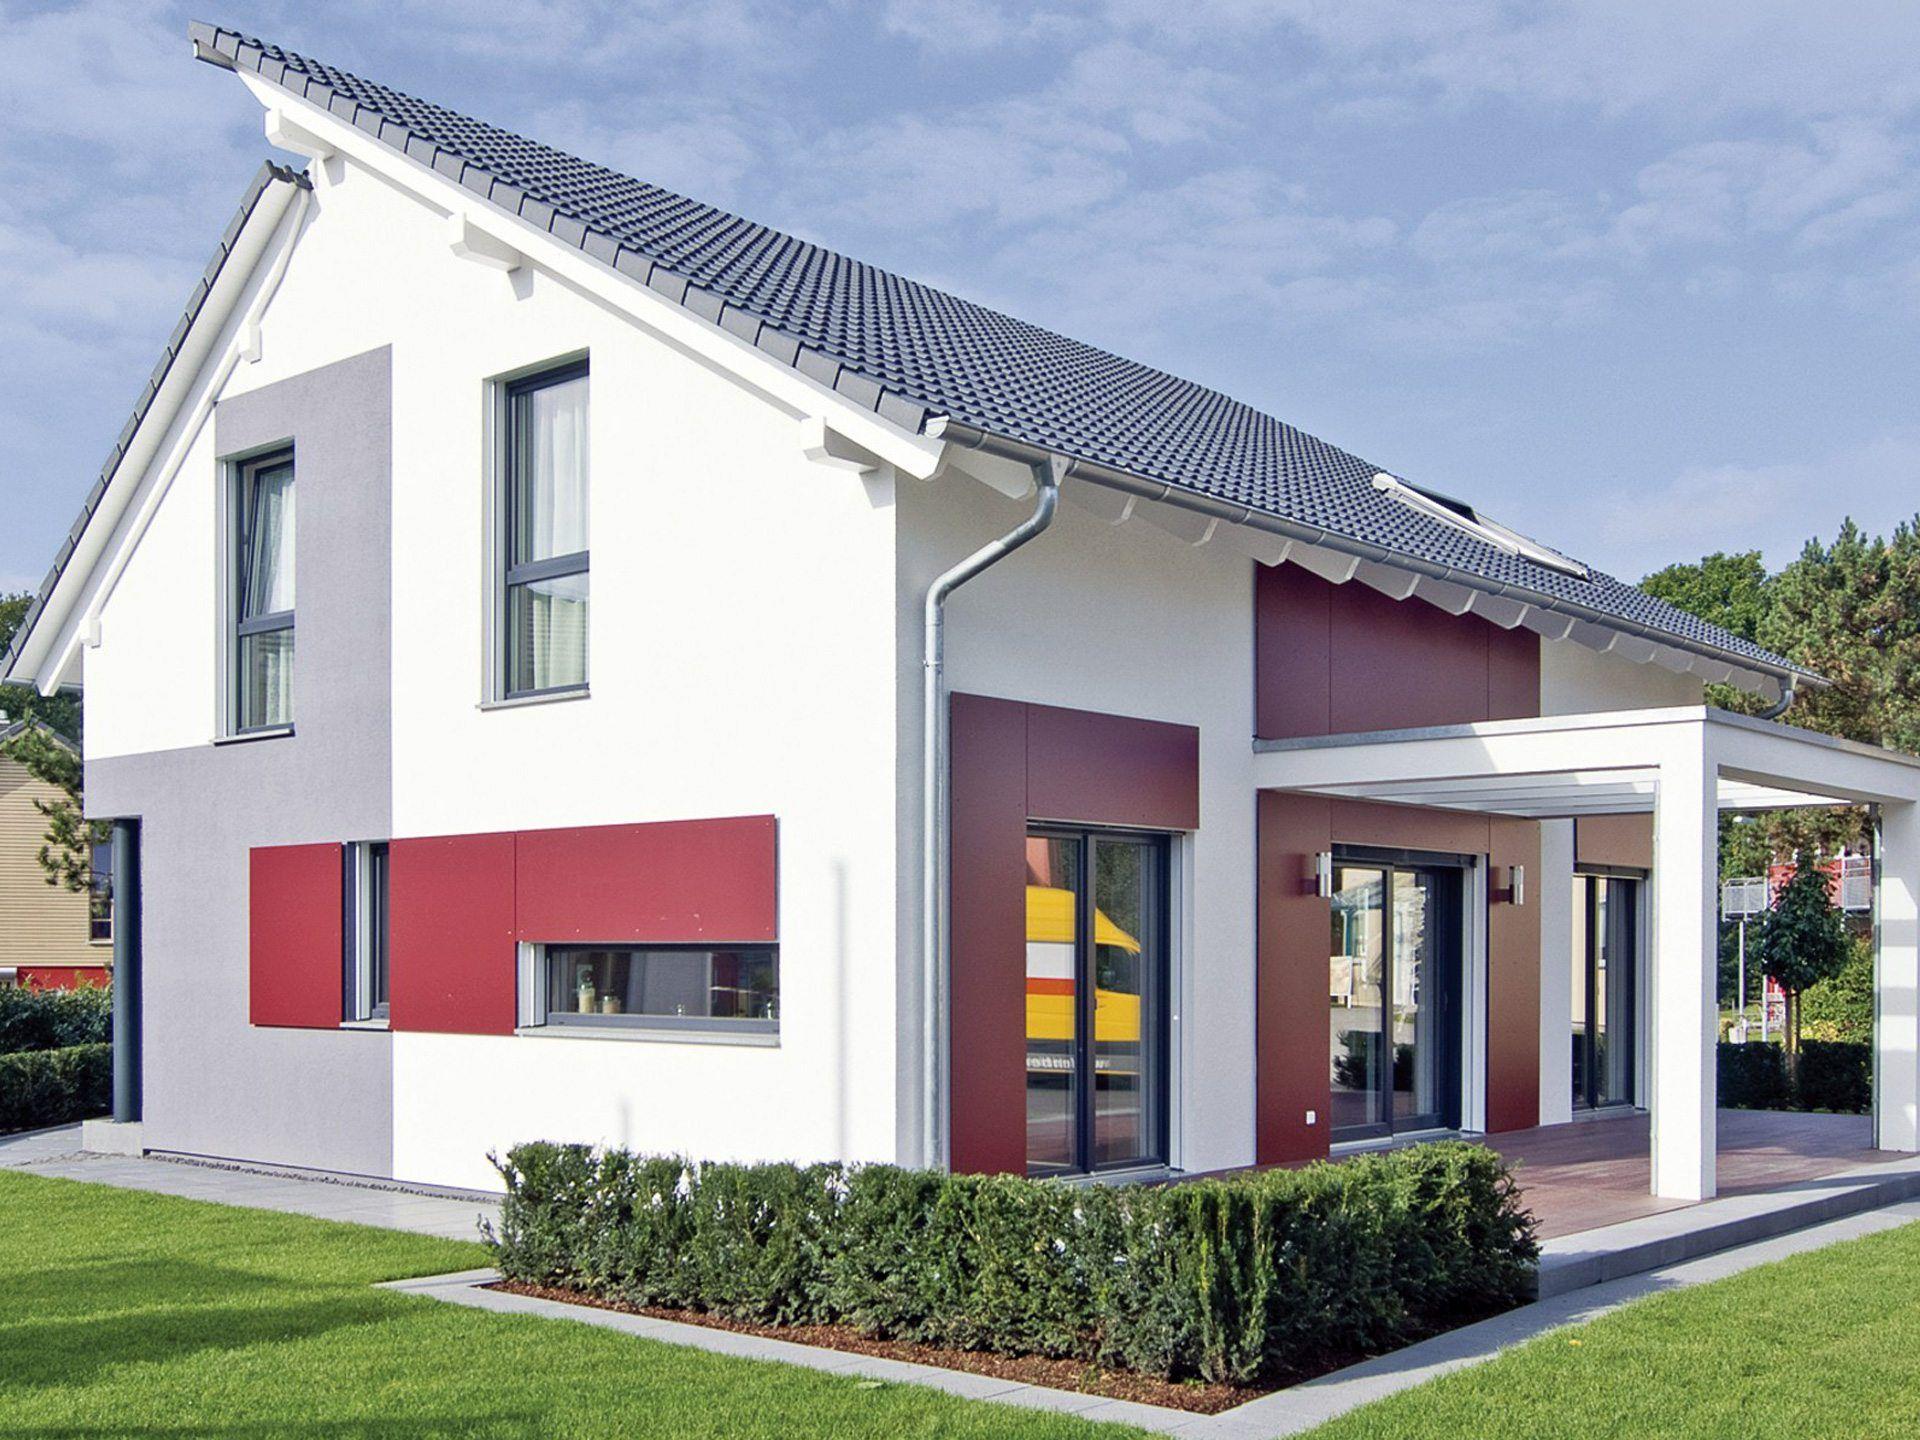 Musterhaus generation5 5 haus 200 • musterhaus von weberhaus • energieeffizientes fertighaus mit weißem